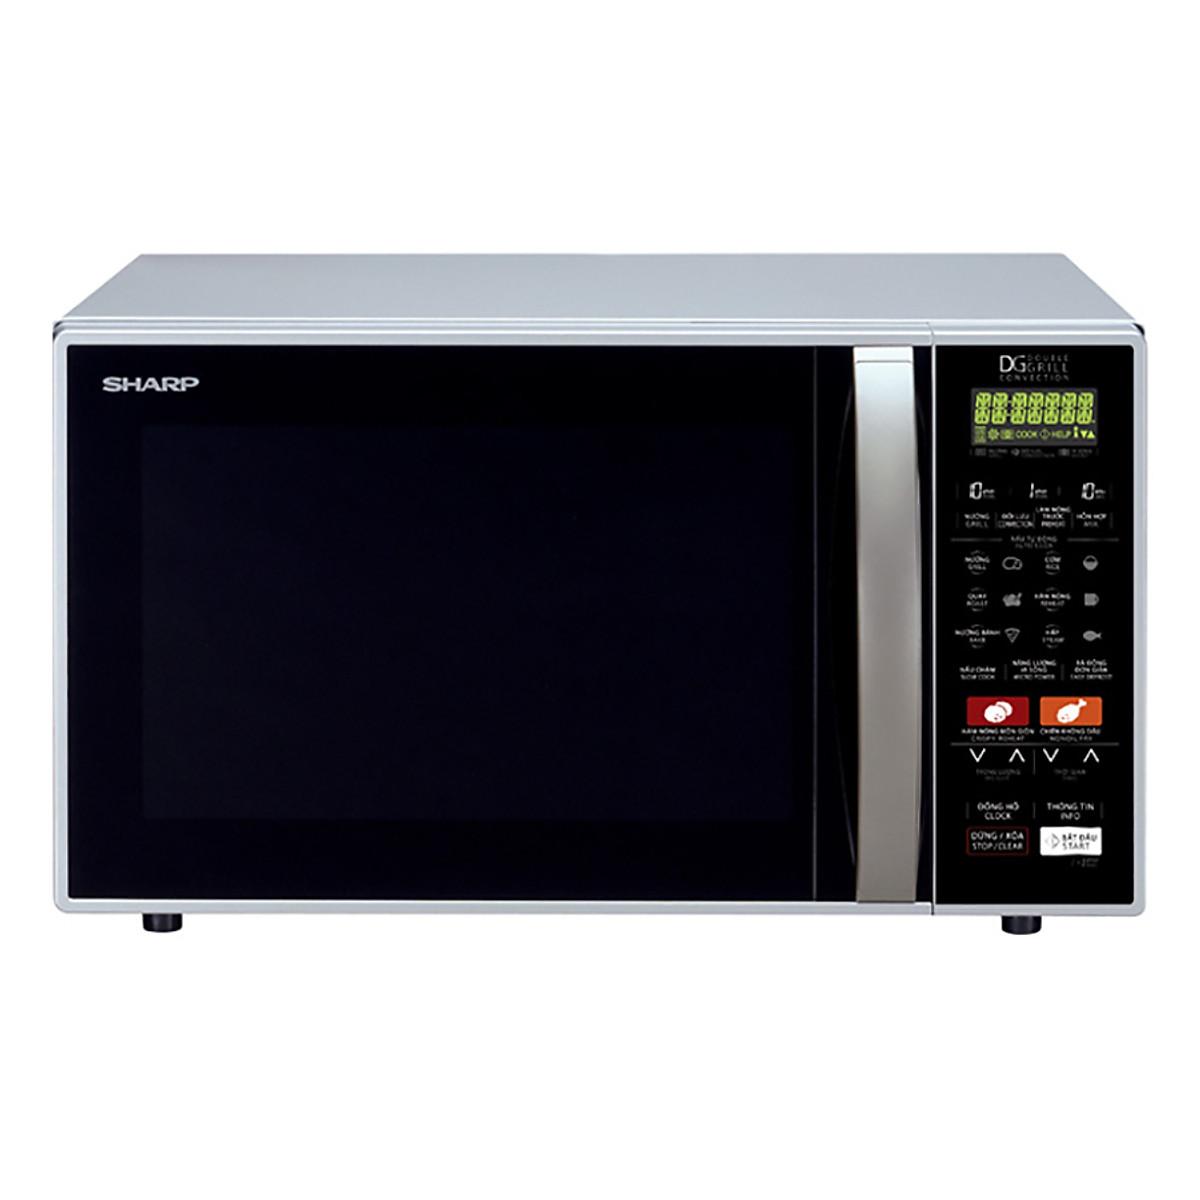 Đánh giá chi tiết Lò Vi Sóng Sharp R-C900VN(S) (26L)